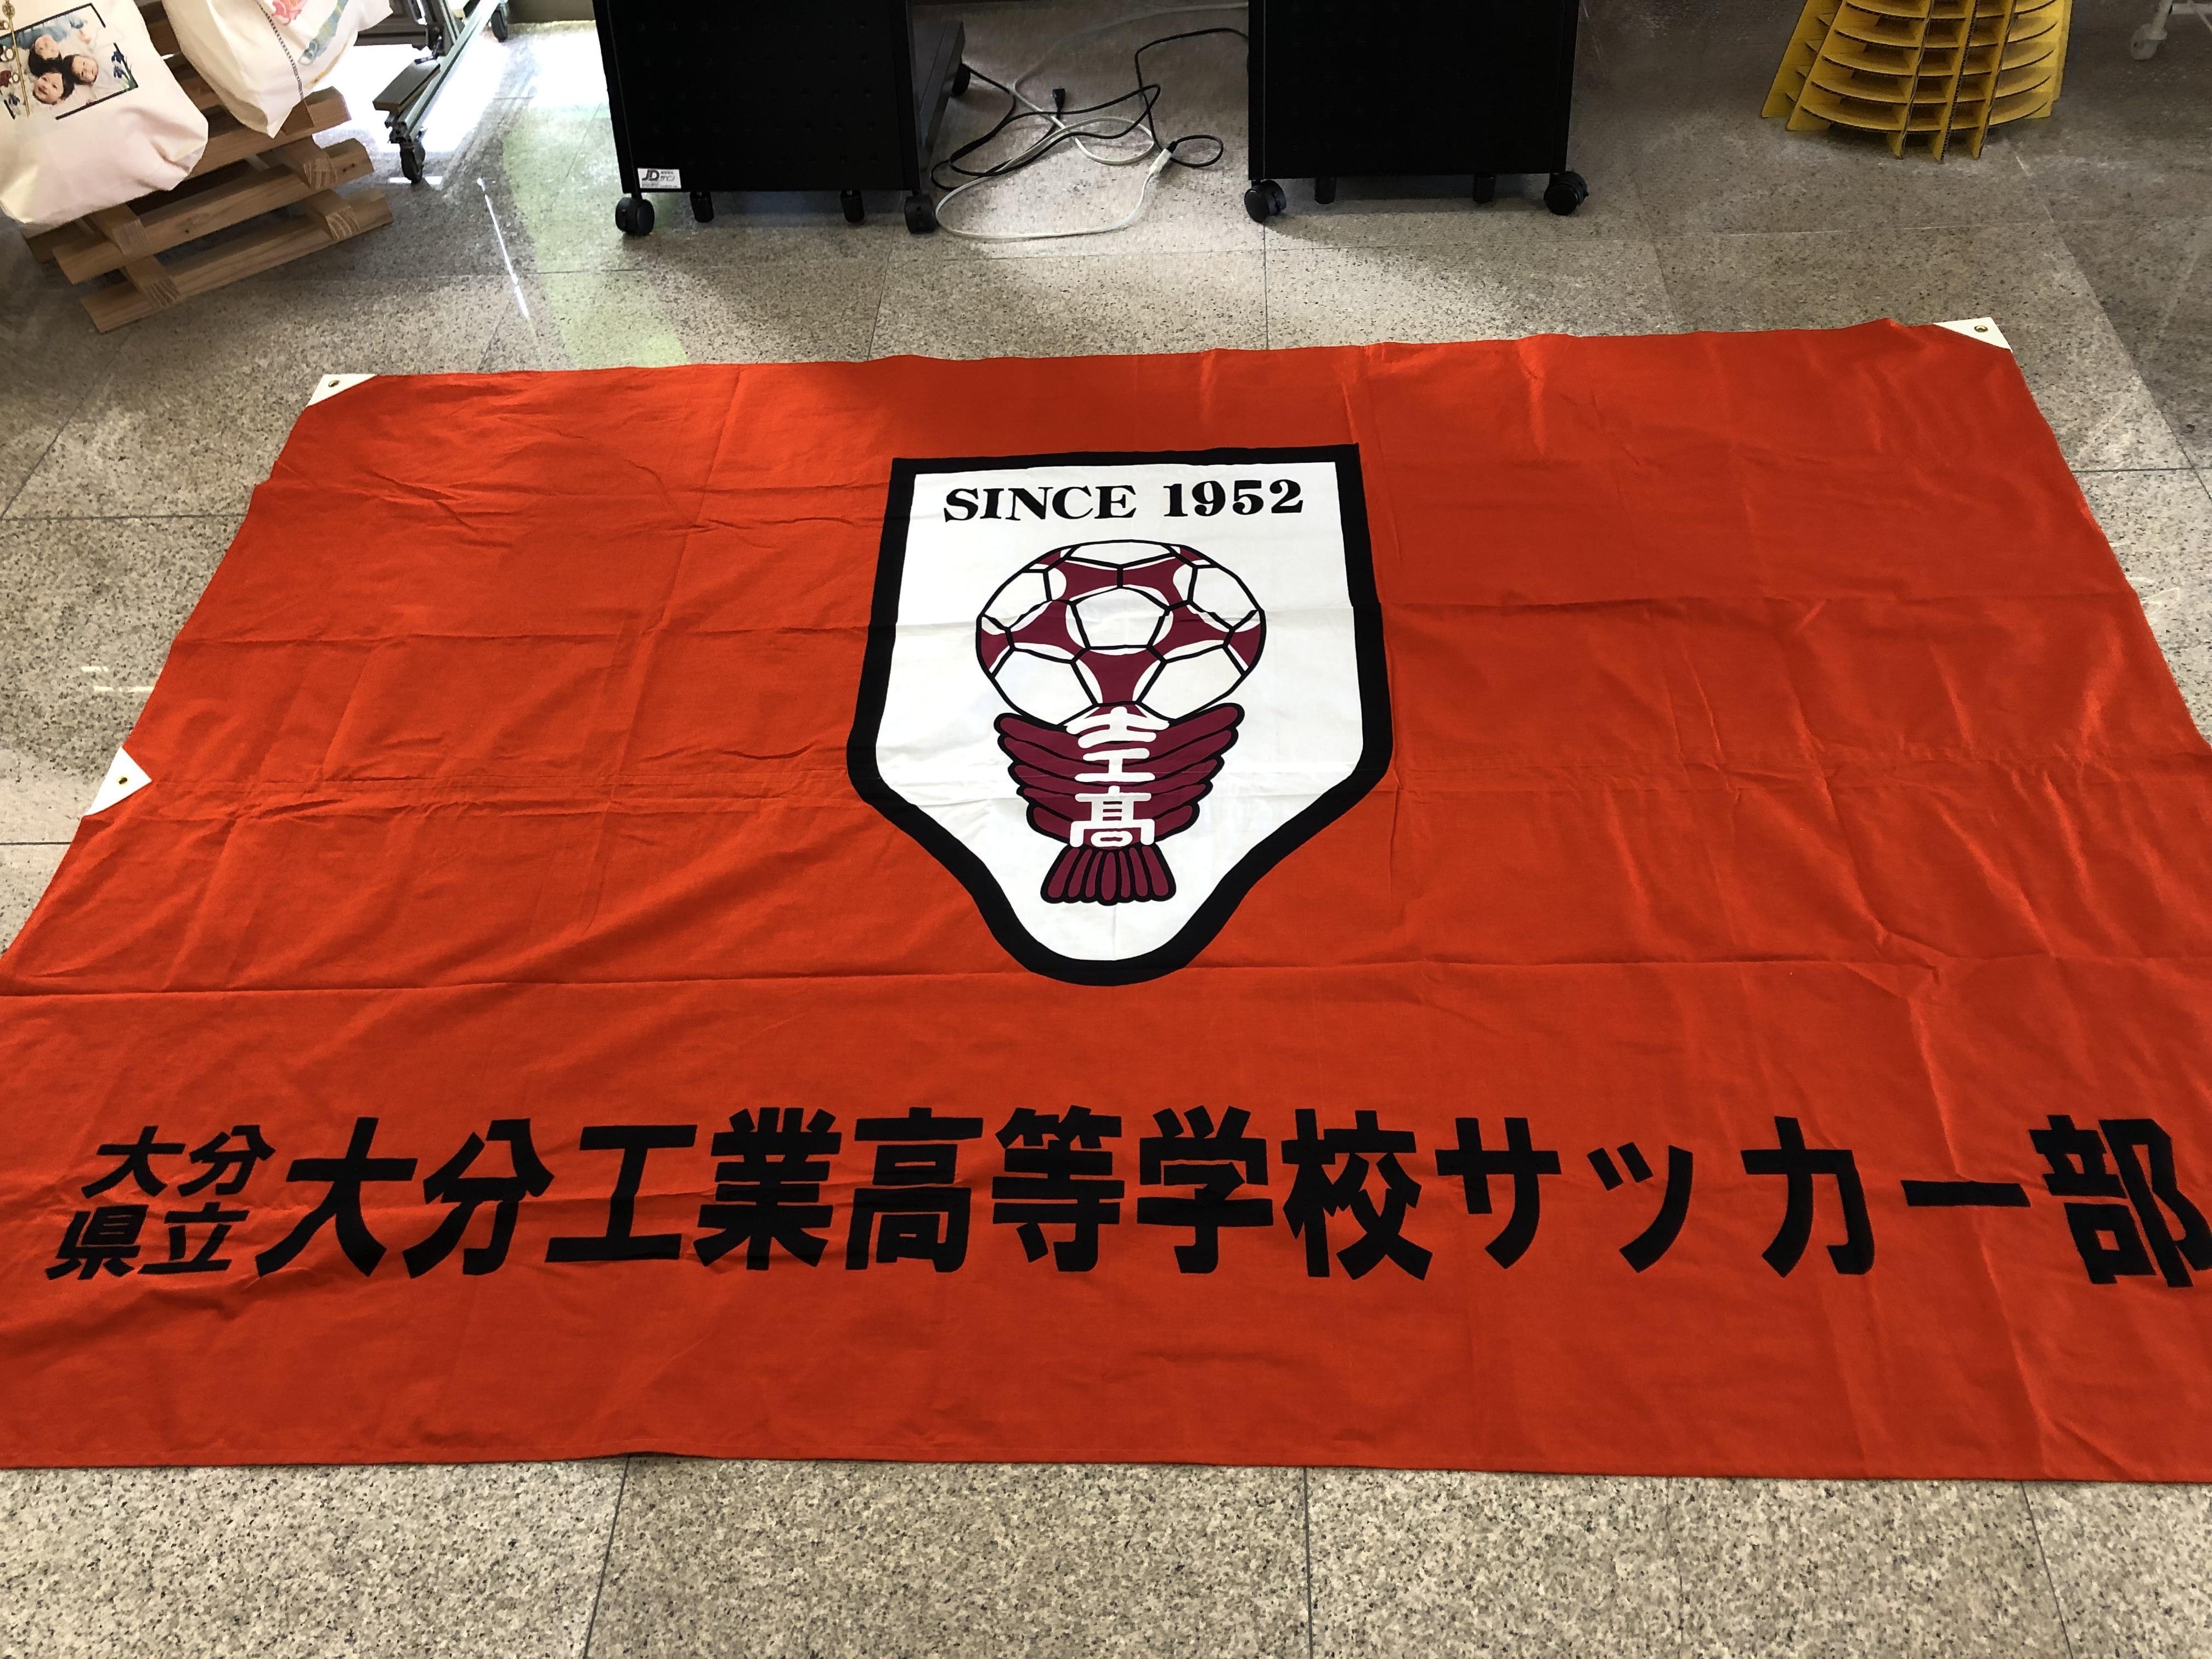 大分工業高校サッカー部様 団旗を納品させていただきました。